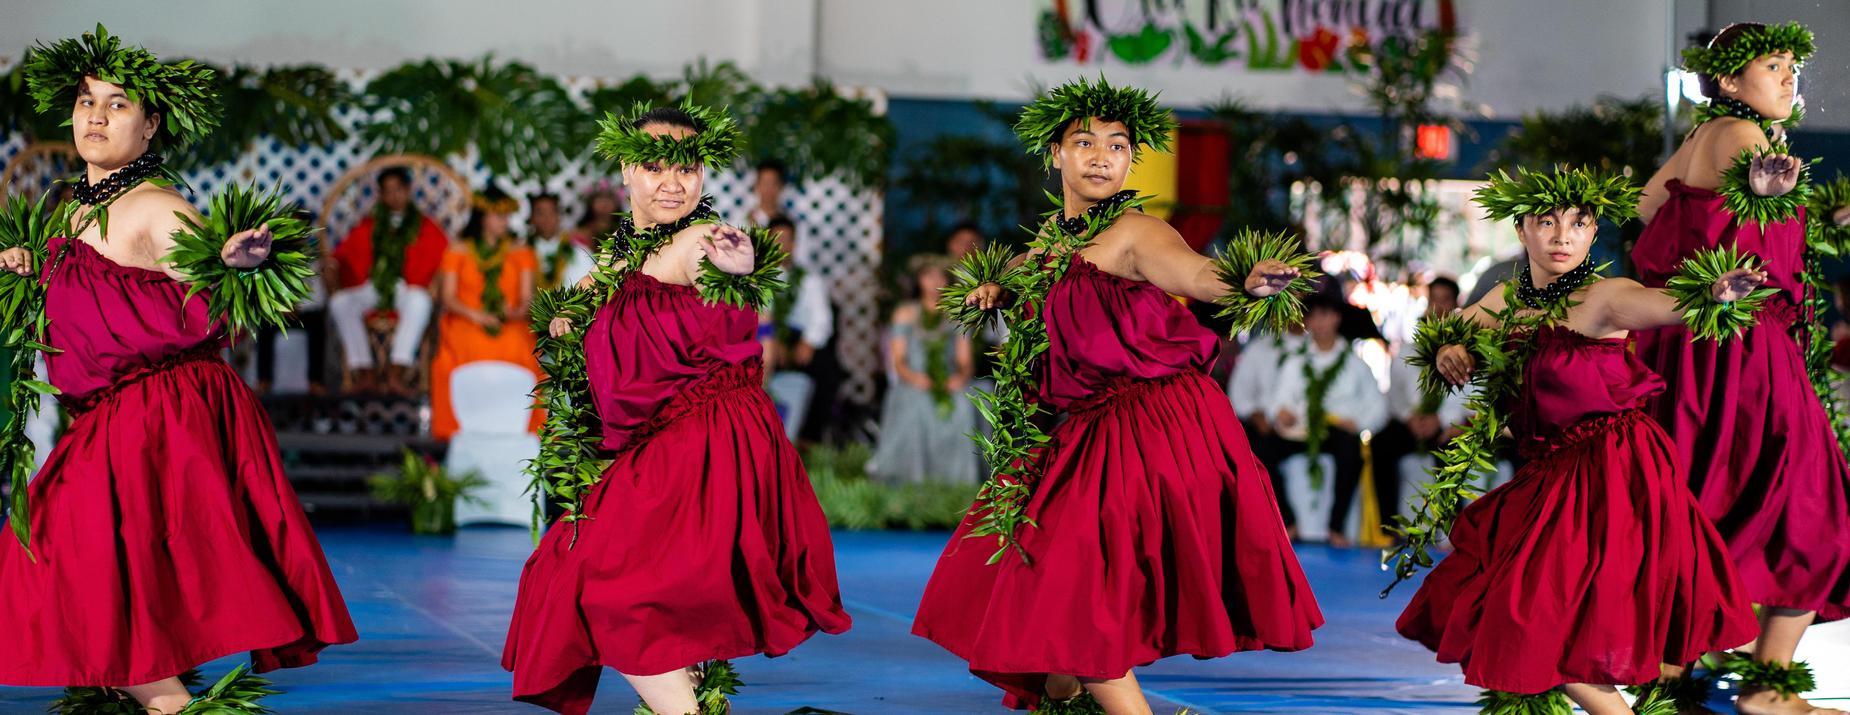 Performers from Na Liko Lehua o Hilo Hanakahi perform.